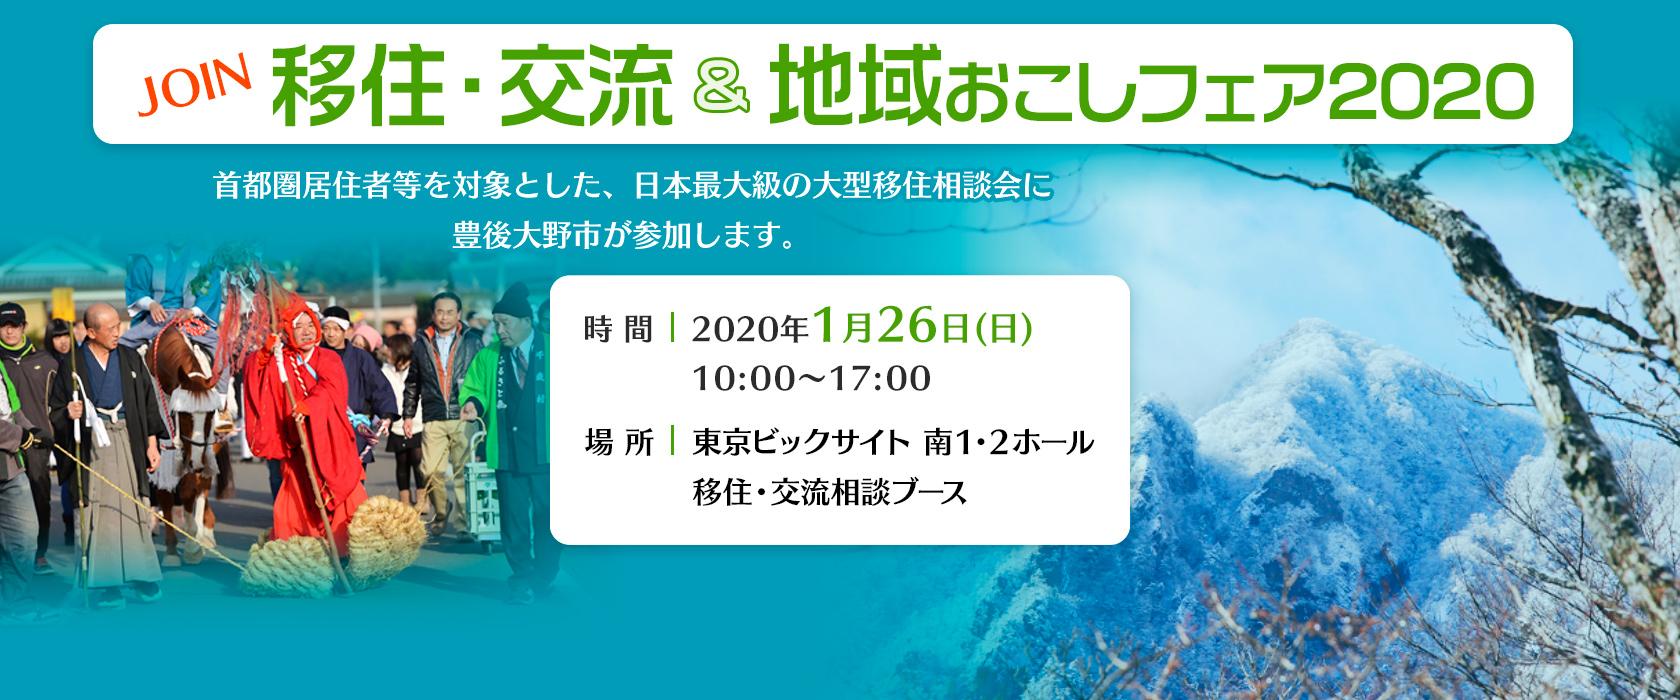 JOIN 移住・交流&地域おこしフェア2020